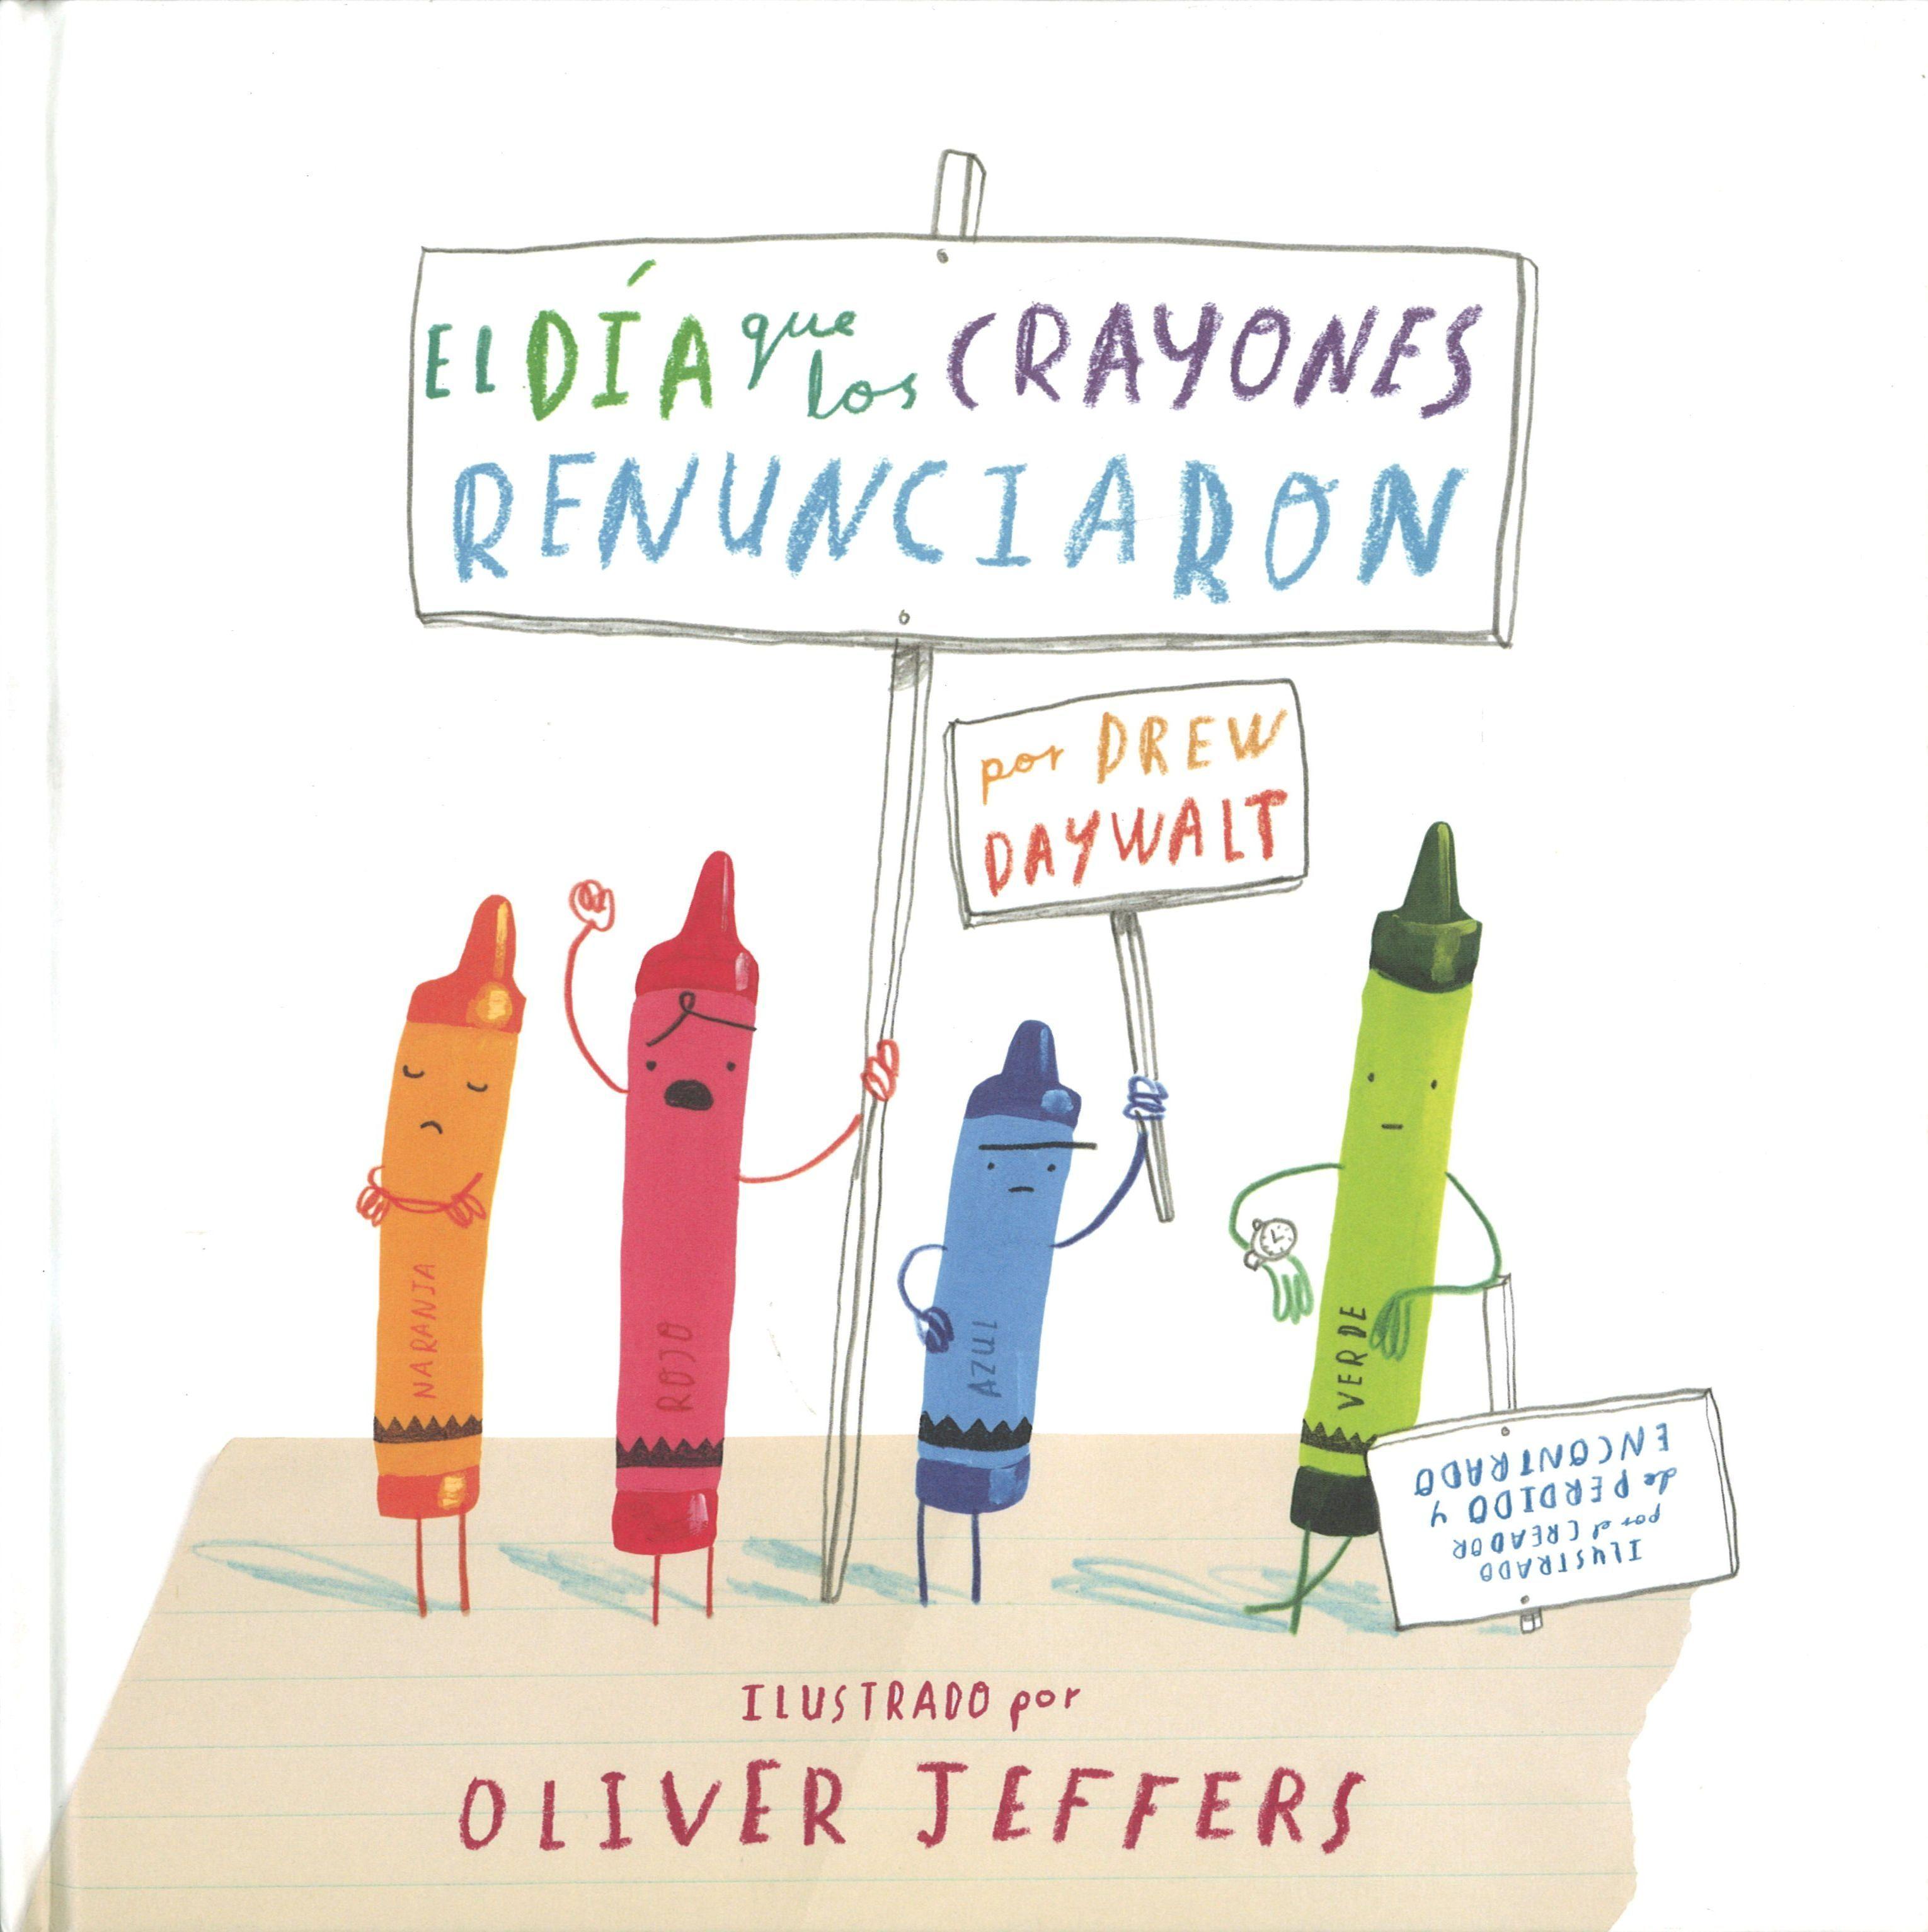 Libros para niños e ideas para su utilización: creatividad